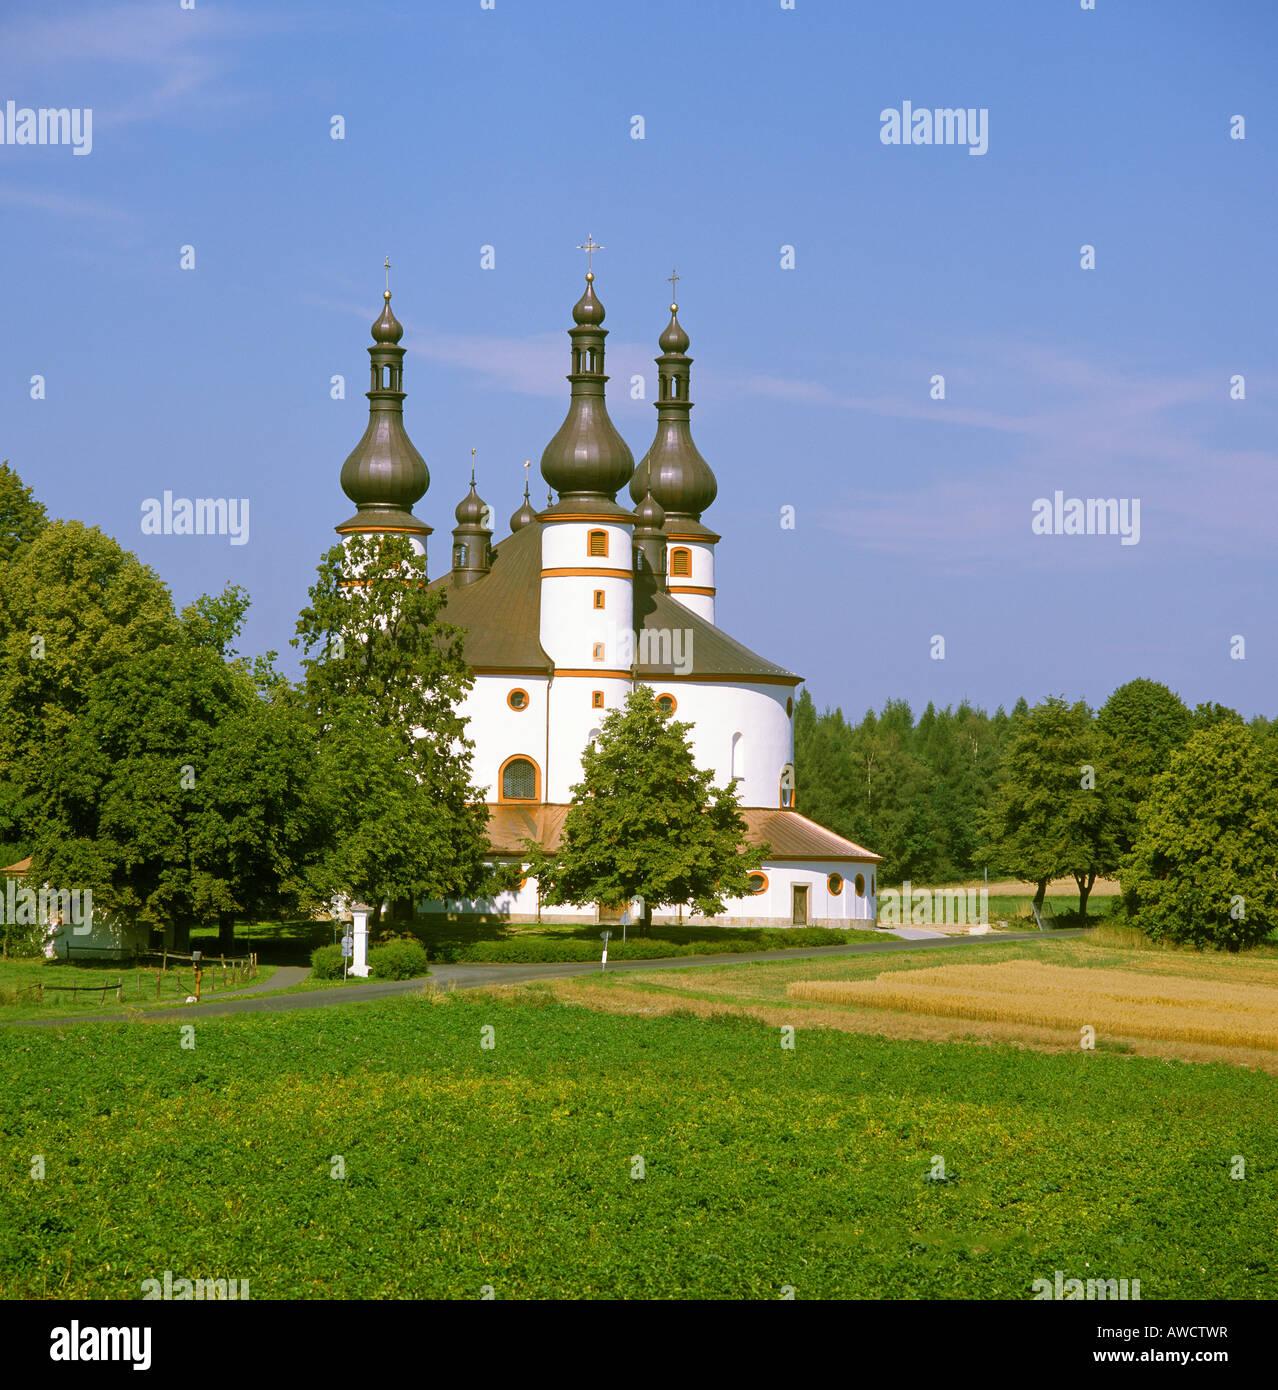 Kappel Stadt Waldsassen Oberpfalz Bayern Deutschland Wallfahrtskirche Heilige Geist gebaut von Georg Dientzenhofer Stockbild